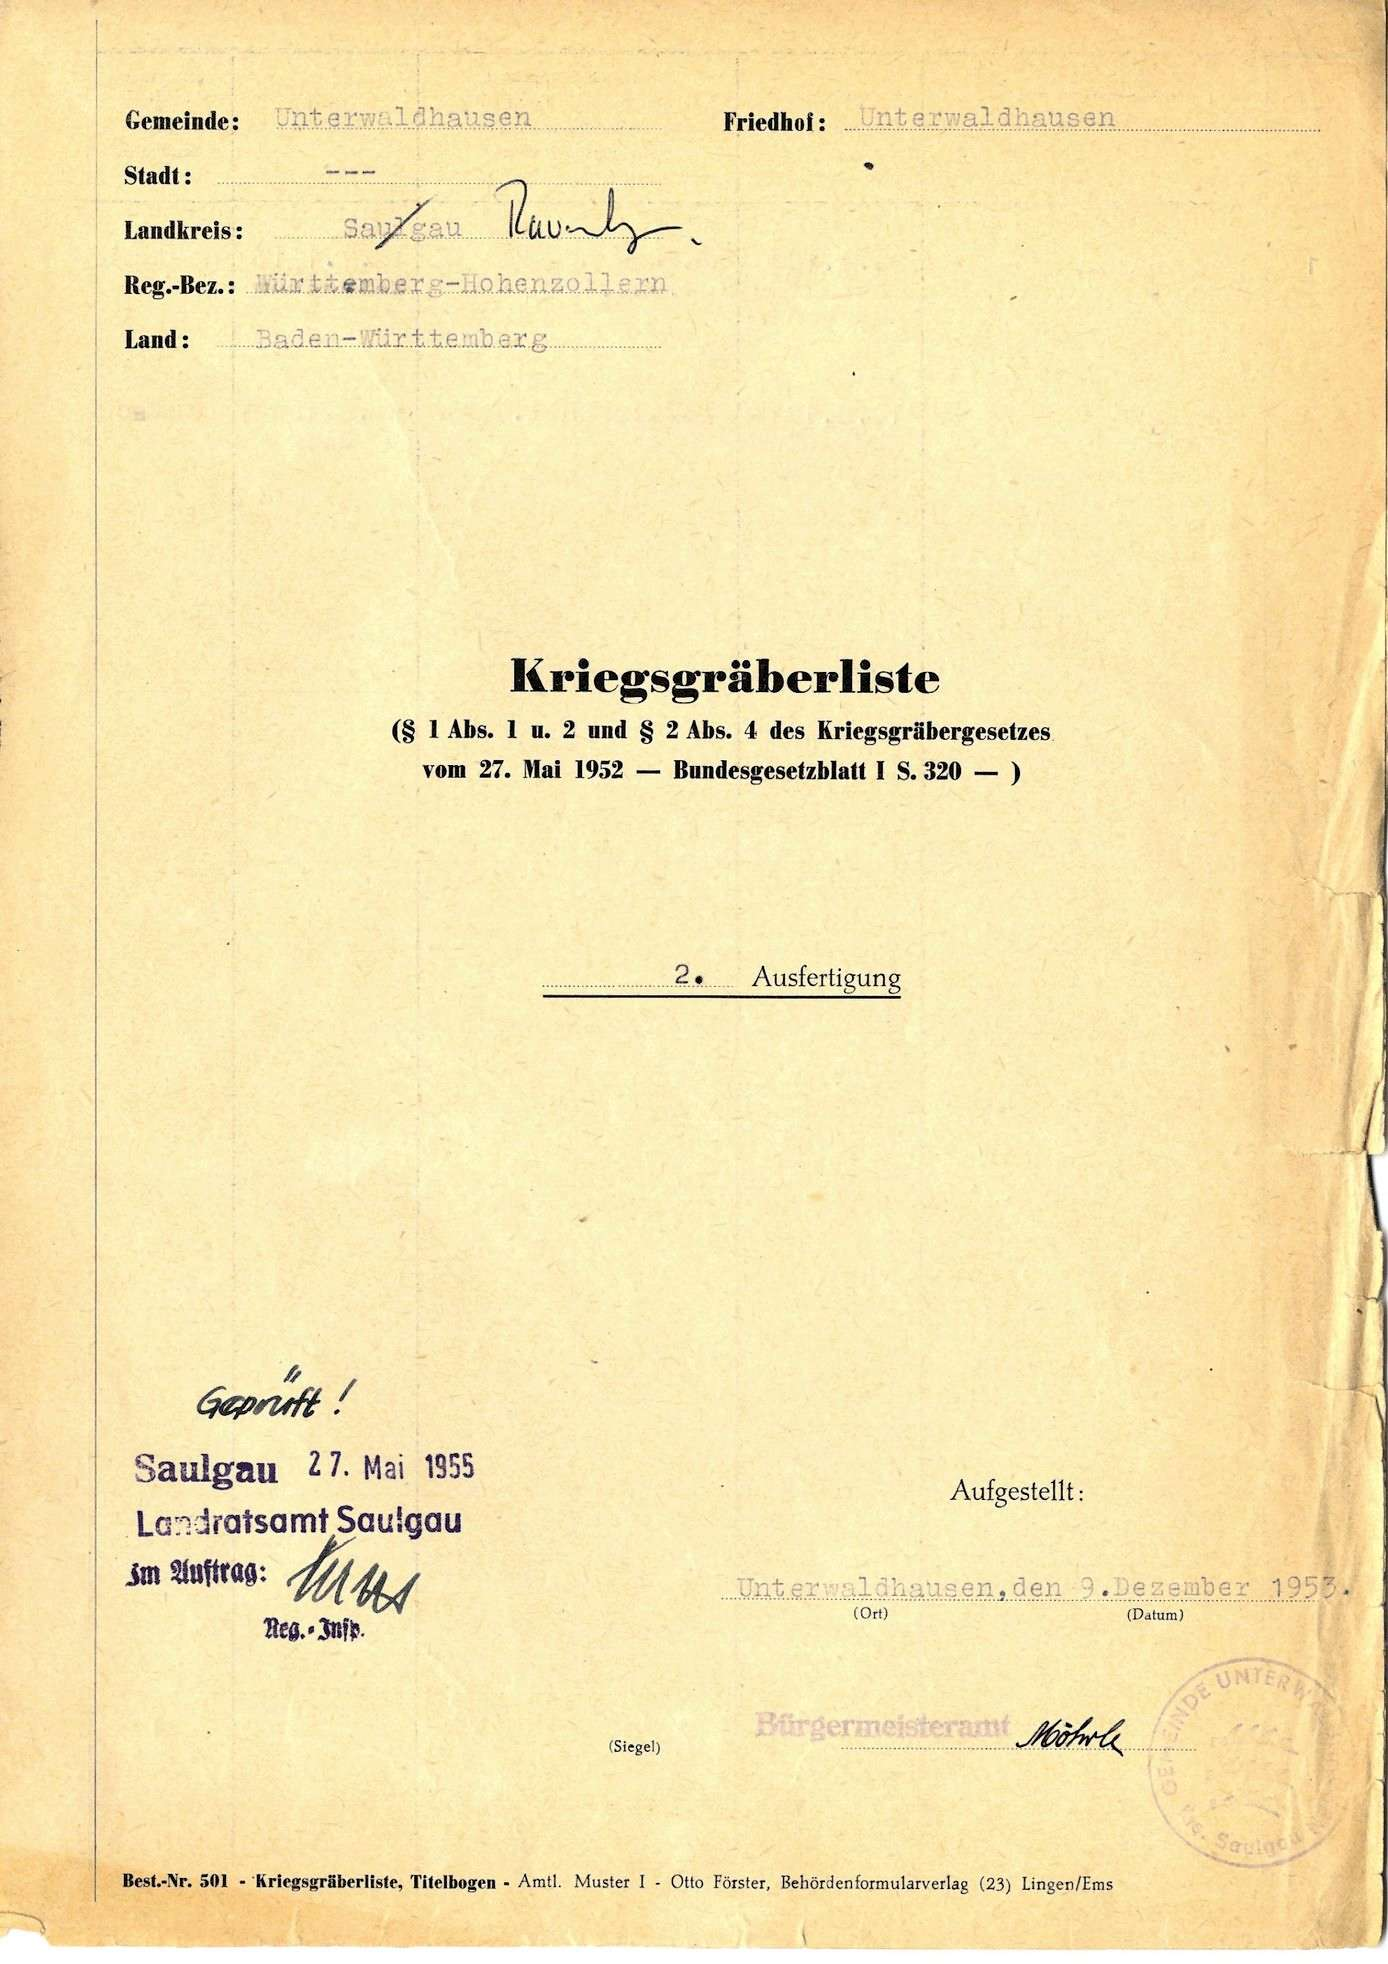 Unterwaldhausen, Bild 1